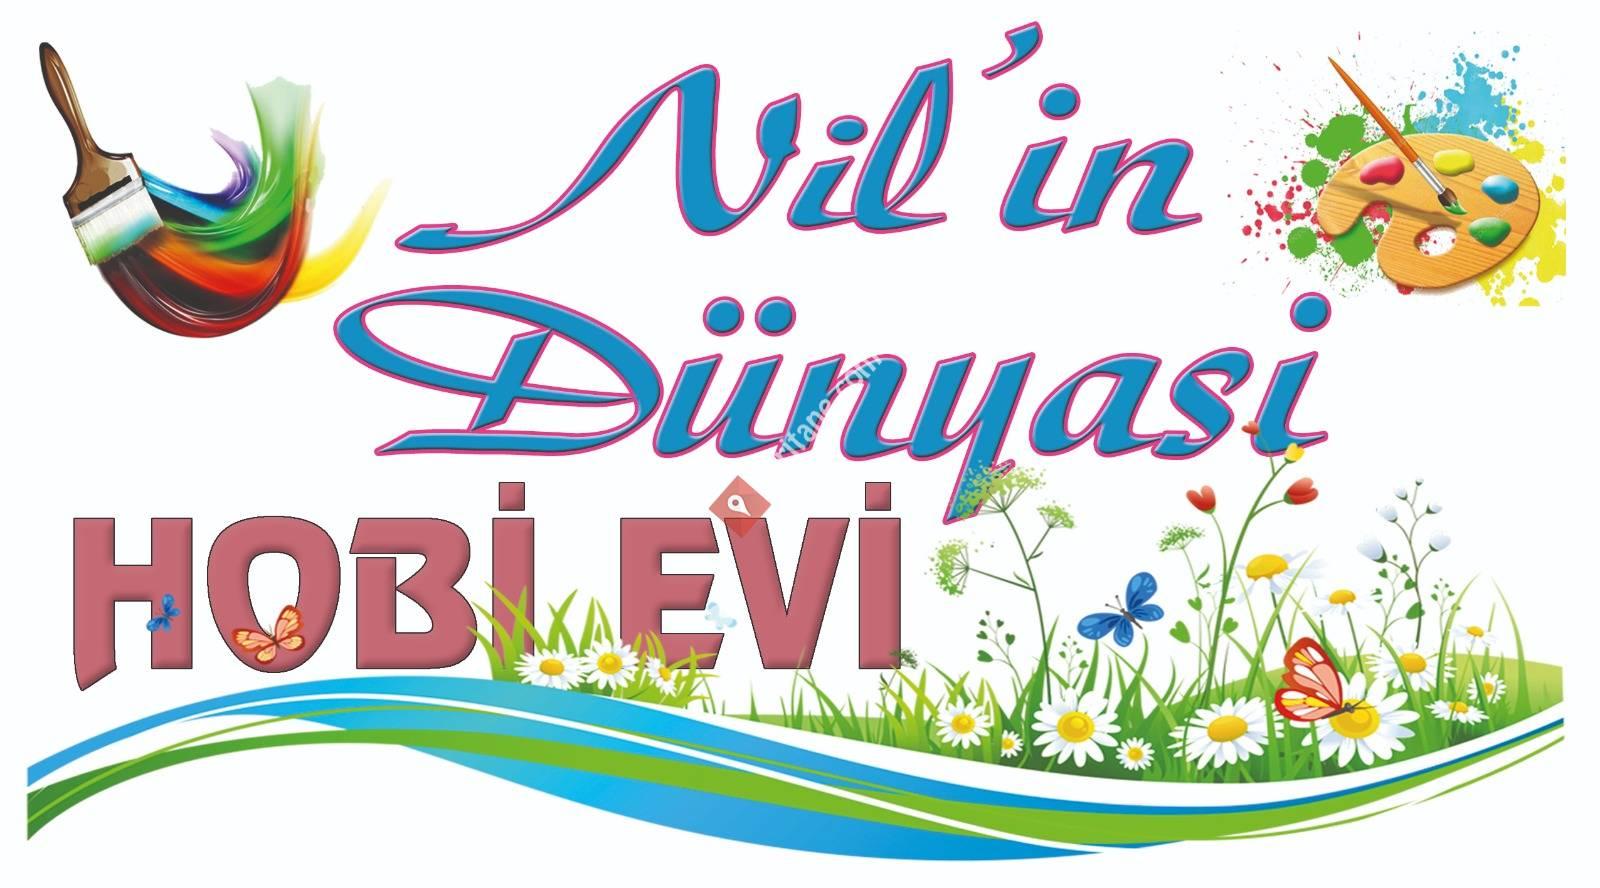 nilindunyasihobievi